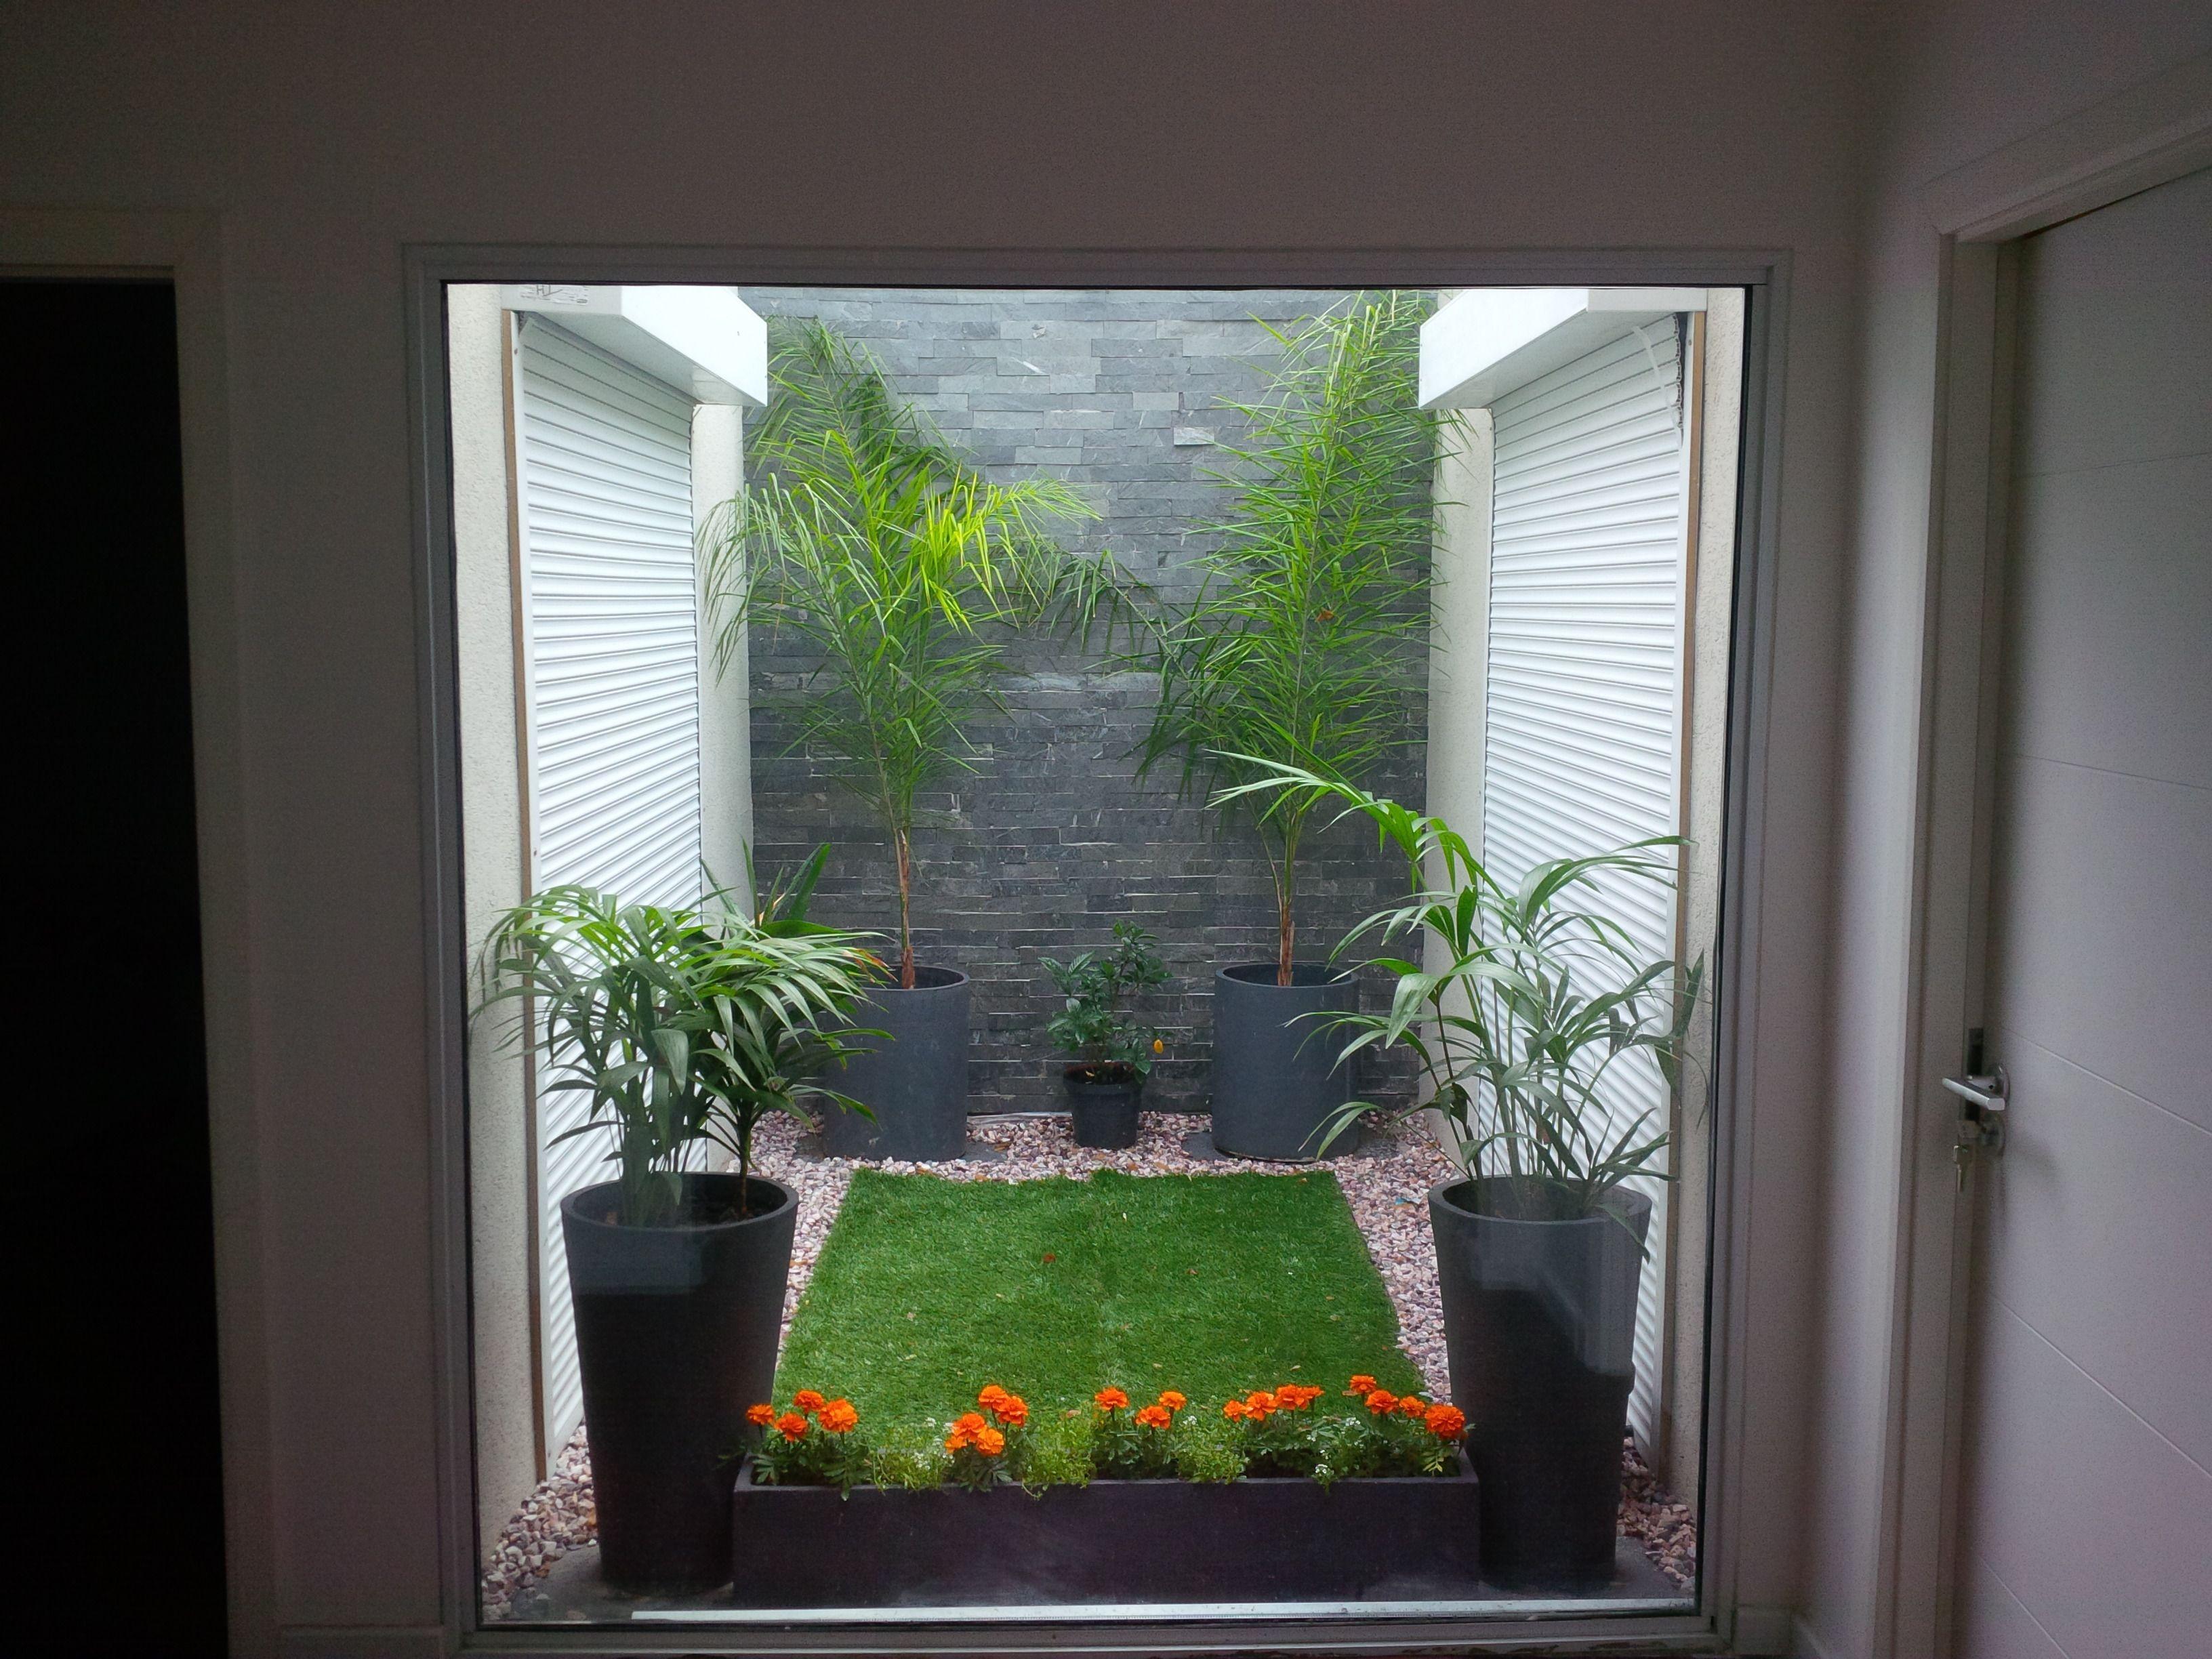 Jardin de invierno dise o hogar pinterest beautiful - Jardin de invierno ...